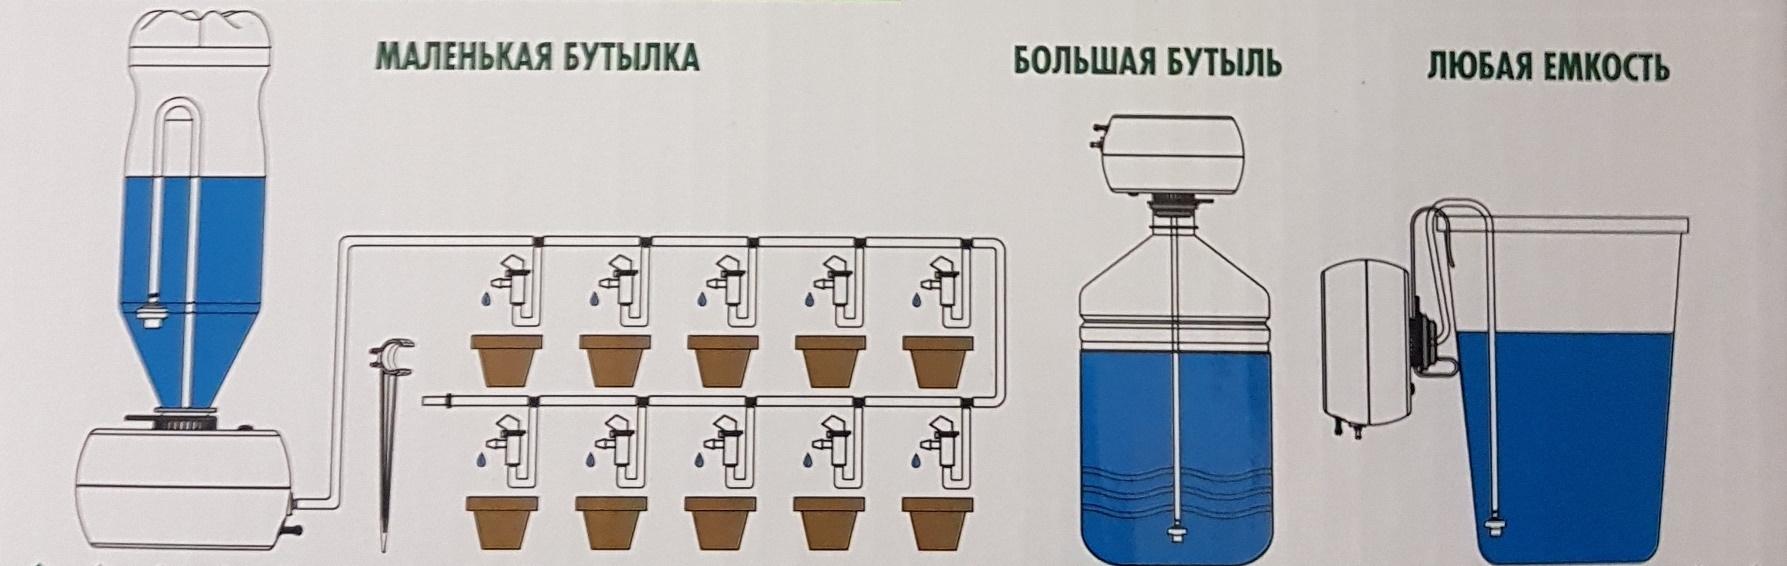 Схема установки системы полива GA-014